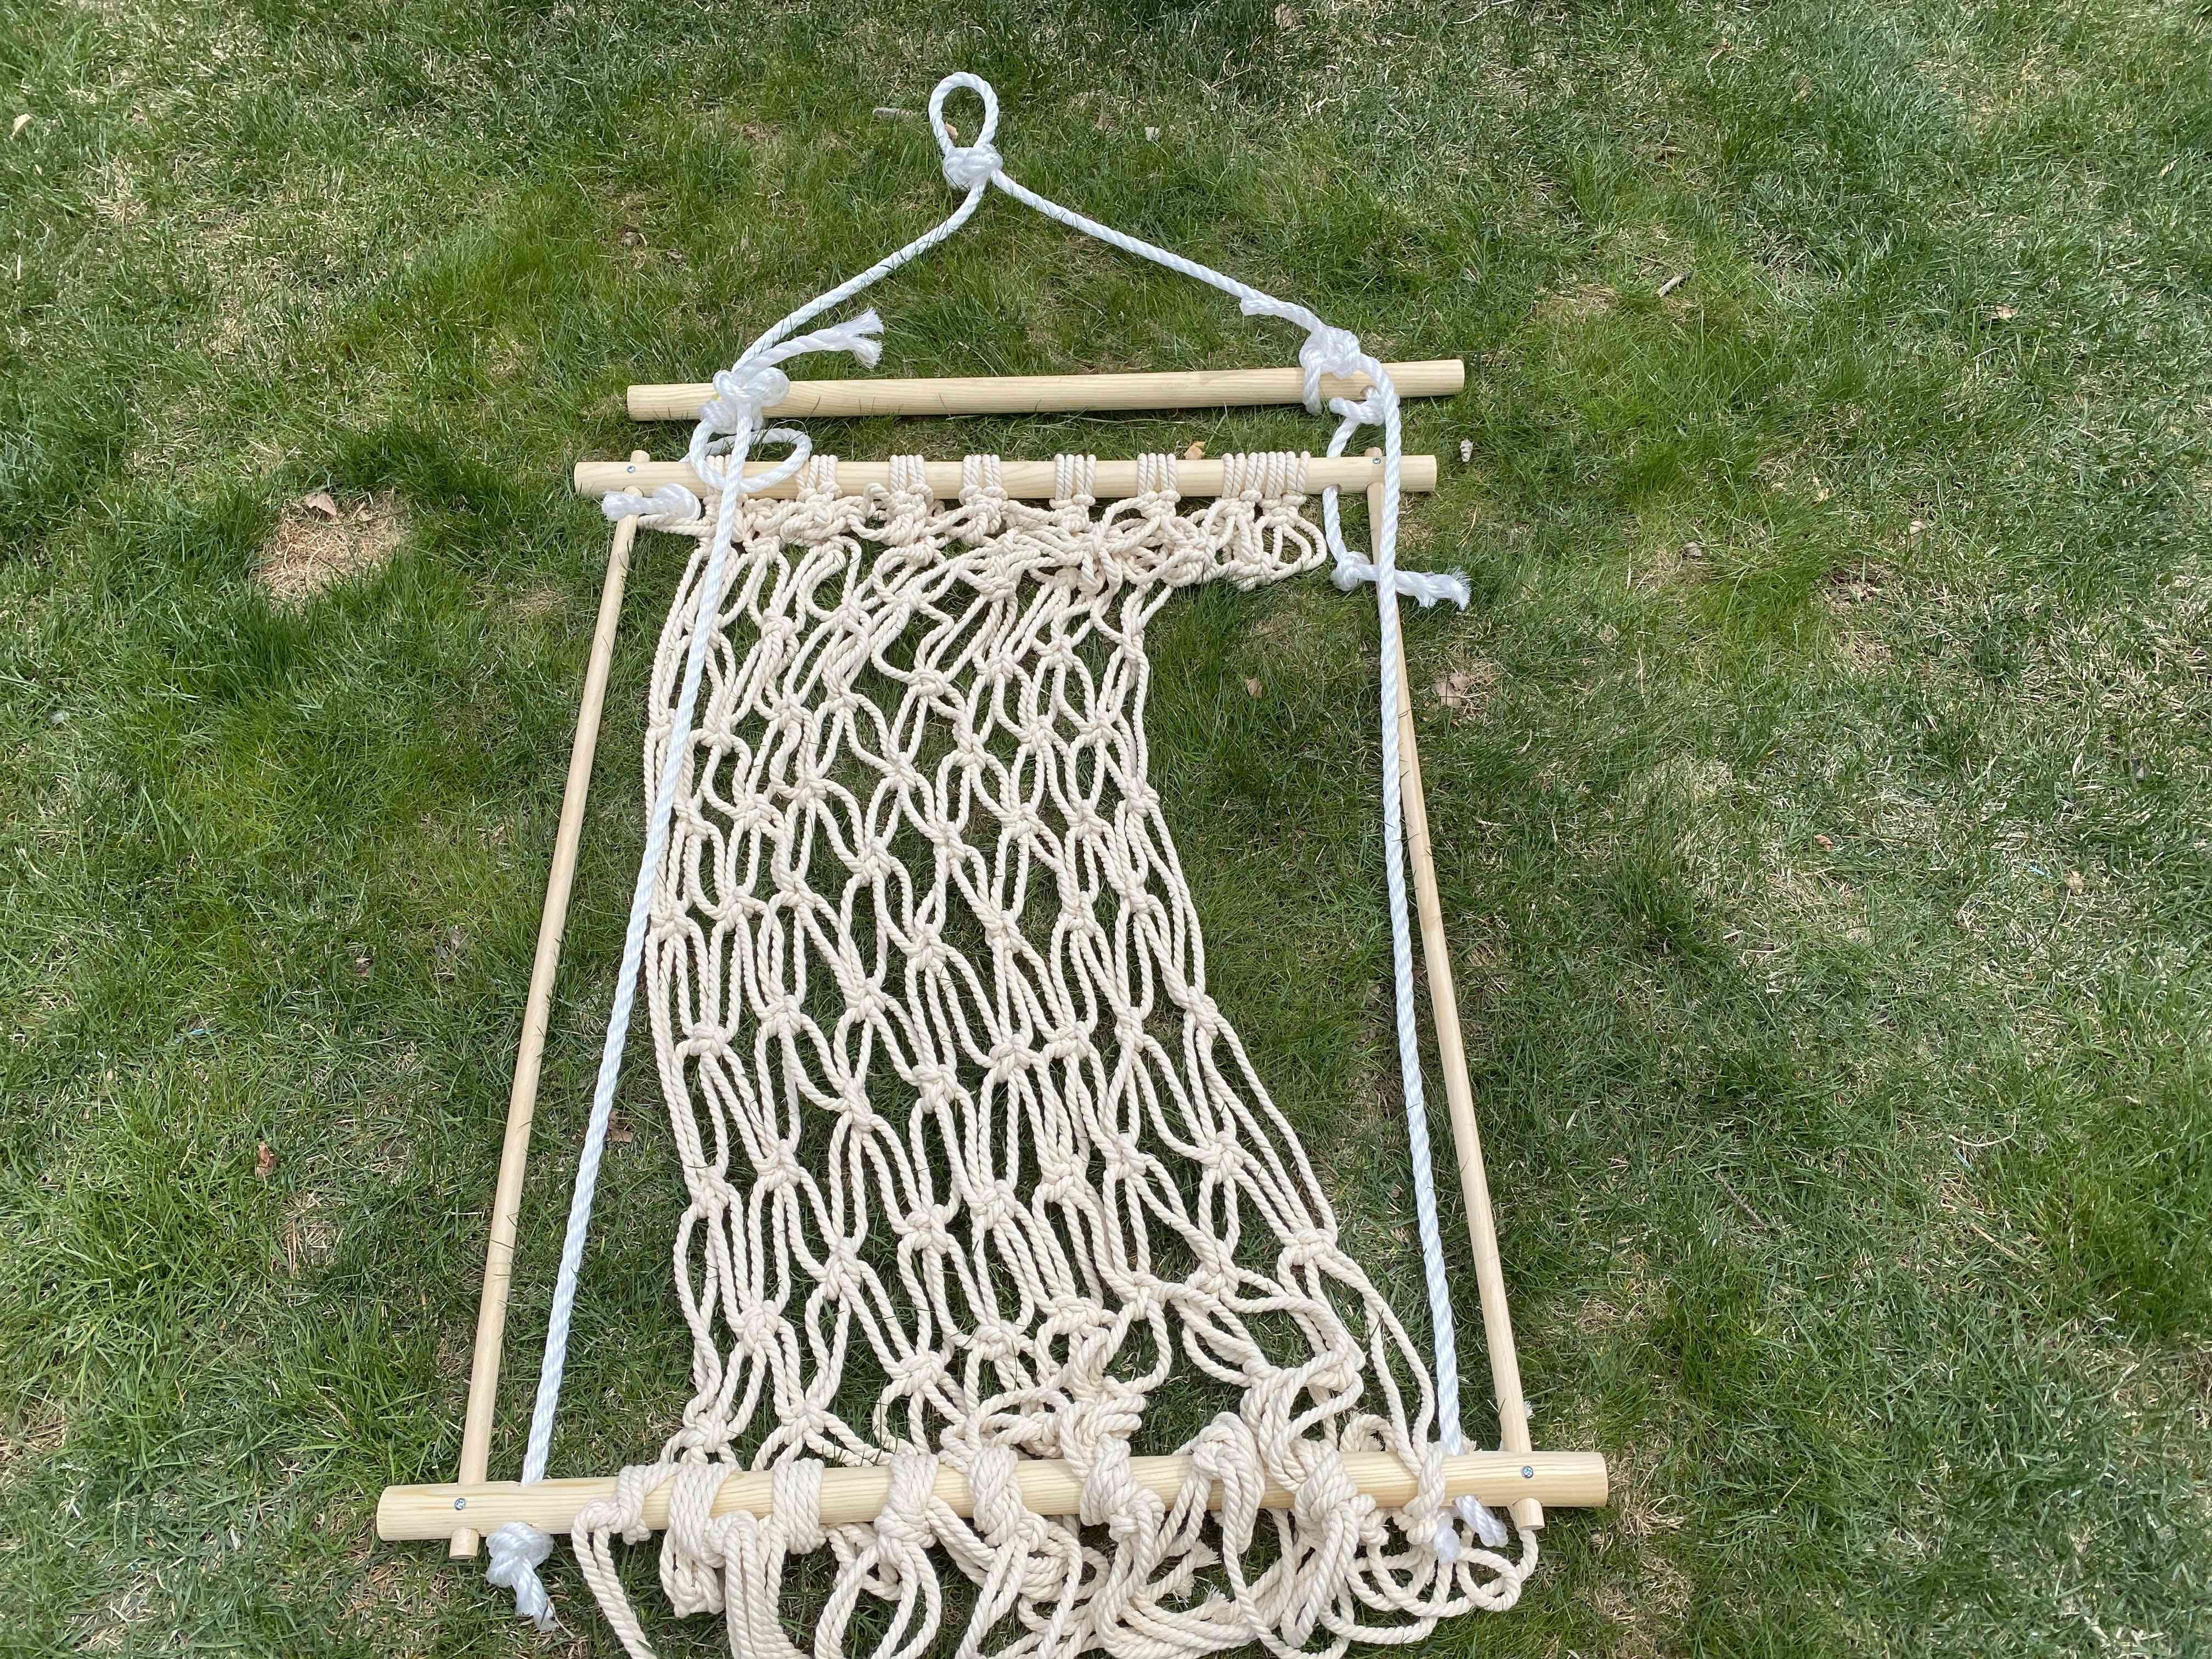 Rope threaded through a macrame chair frame